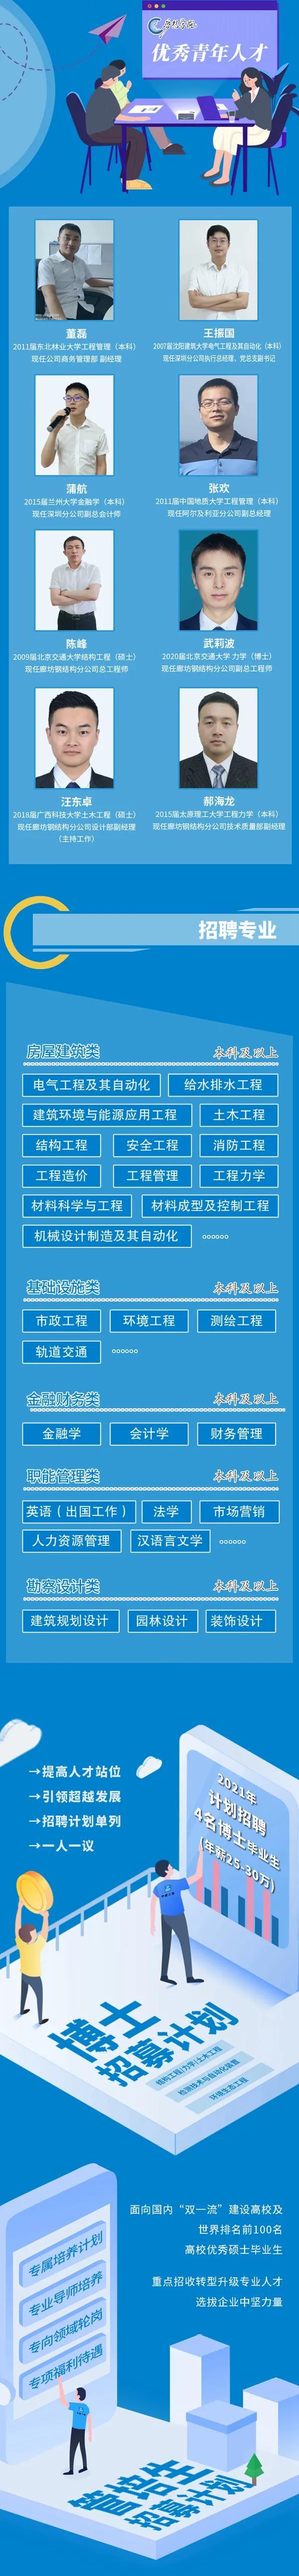 长图(2).jpg